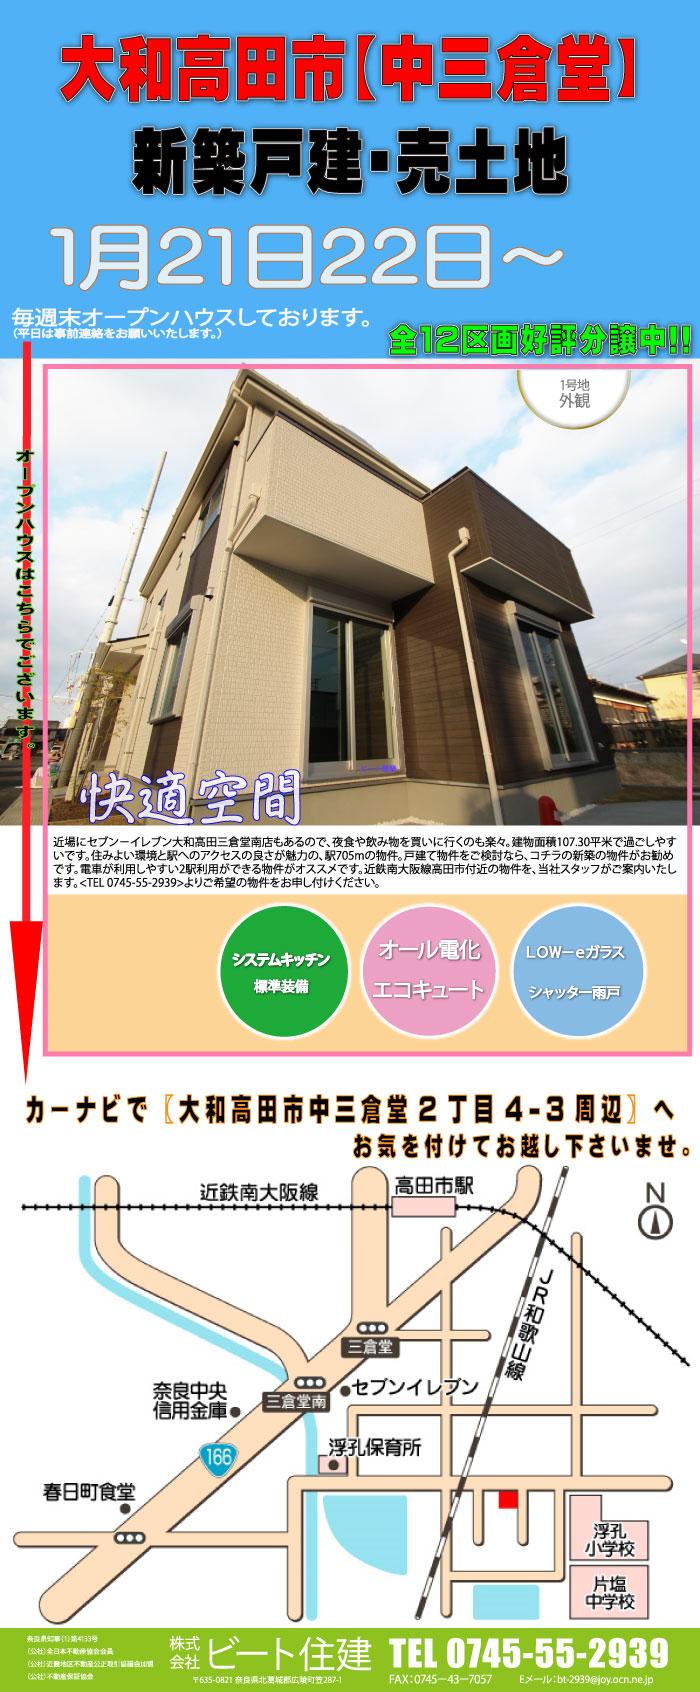 中三倉堂トップページHPアウトライン